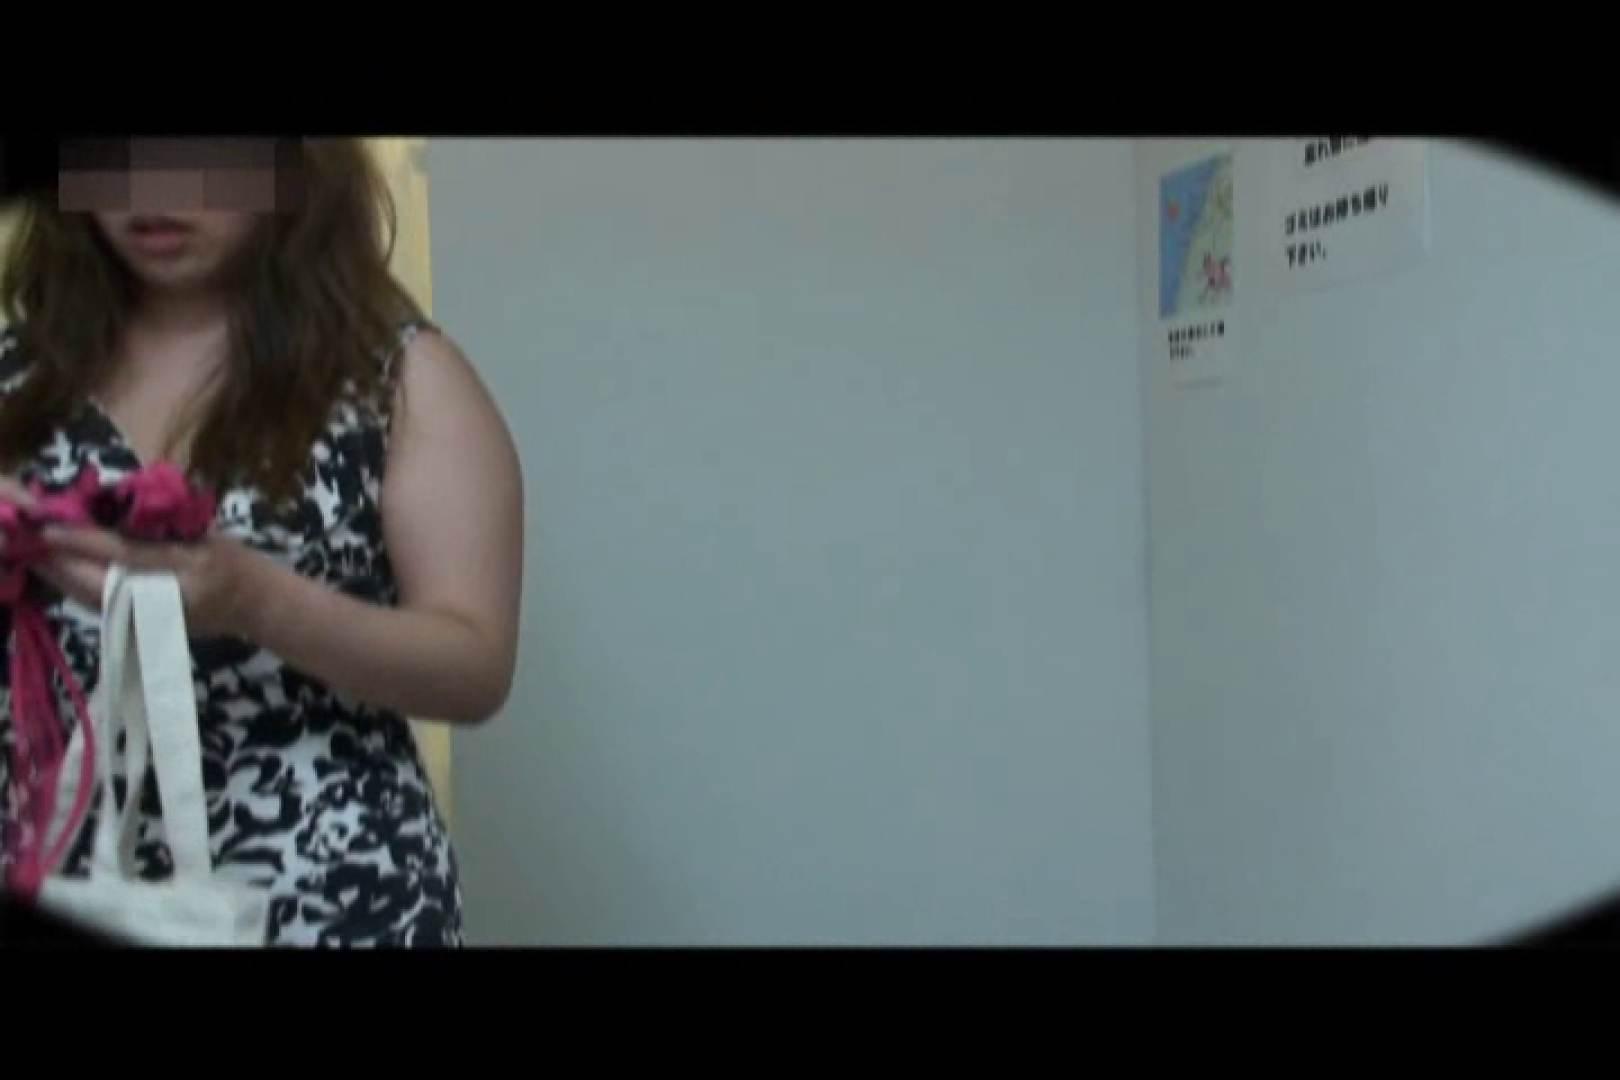 堅実でケチな女性程盗撮される。vol.09 オデブちゃんです! OLハメ撮り  84Pix 21